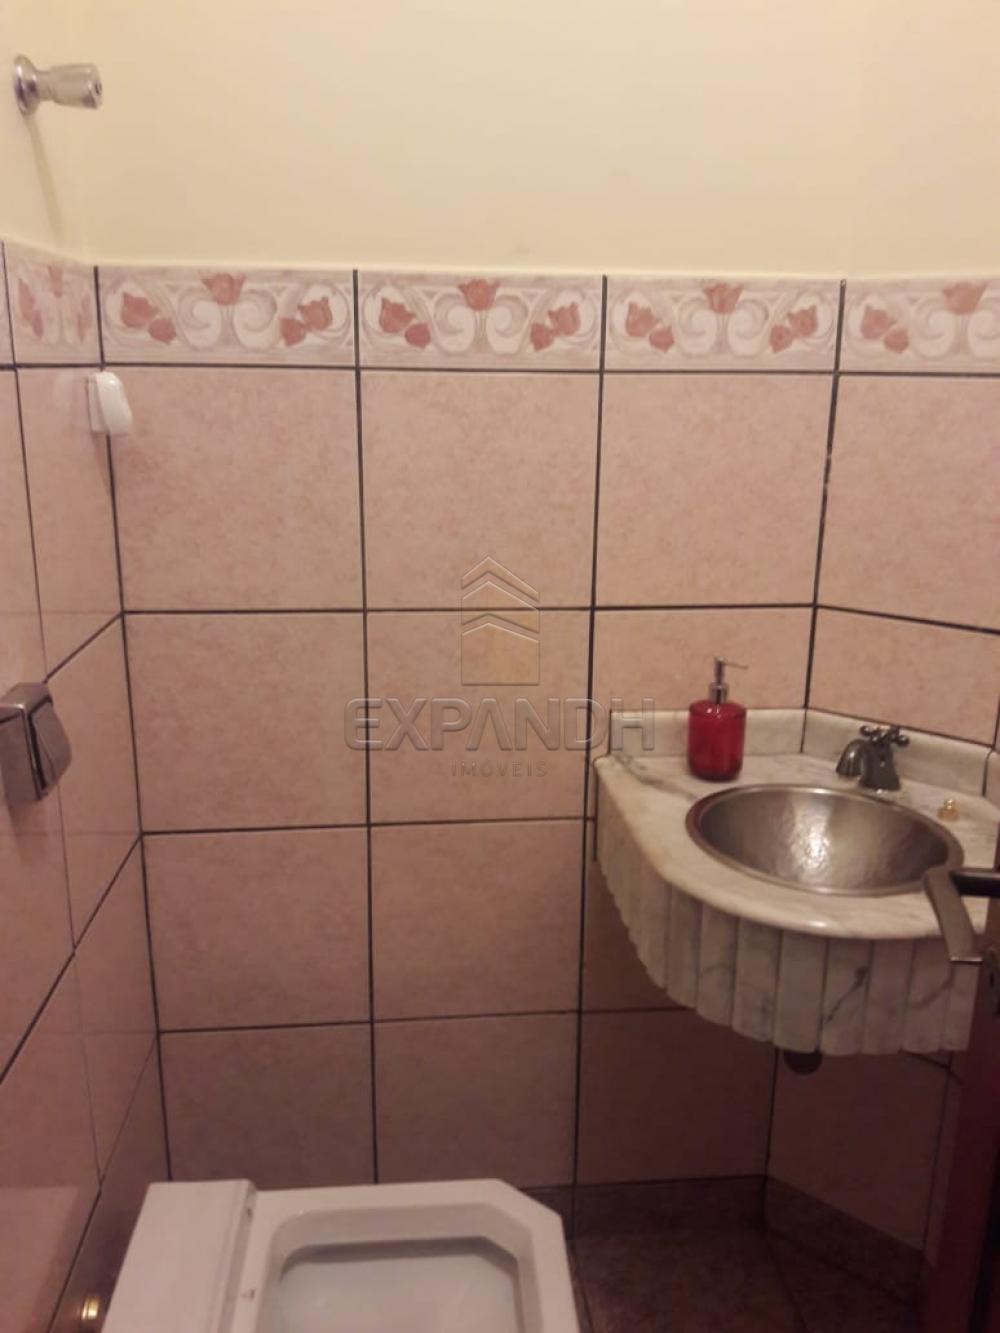 Comprar Casas / Padrão em Sertãozinho R$ 590.000,00 - Foto 10